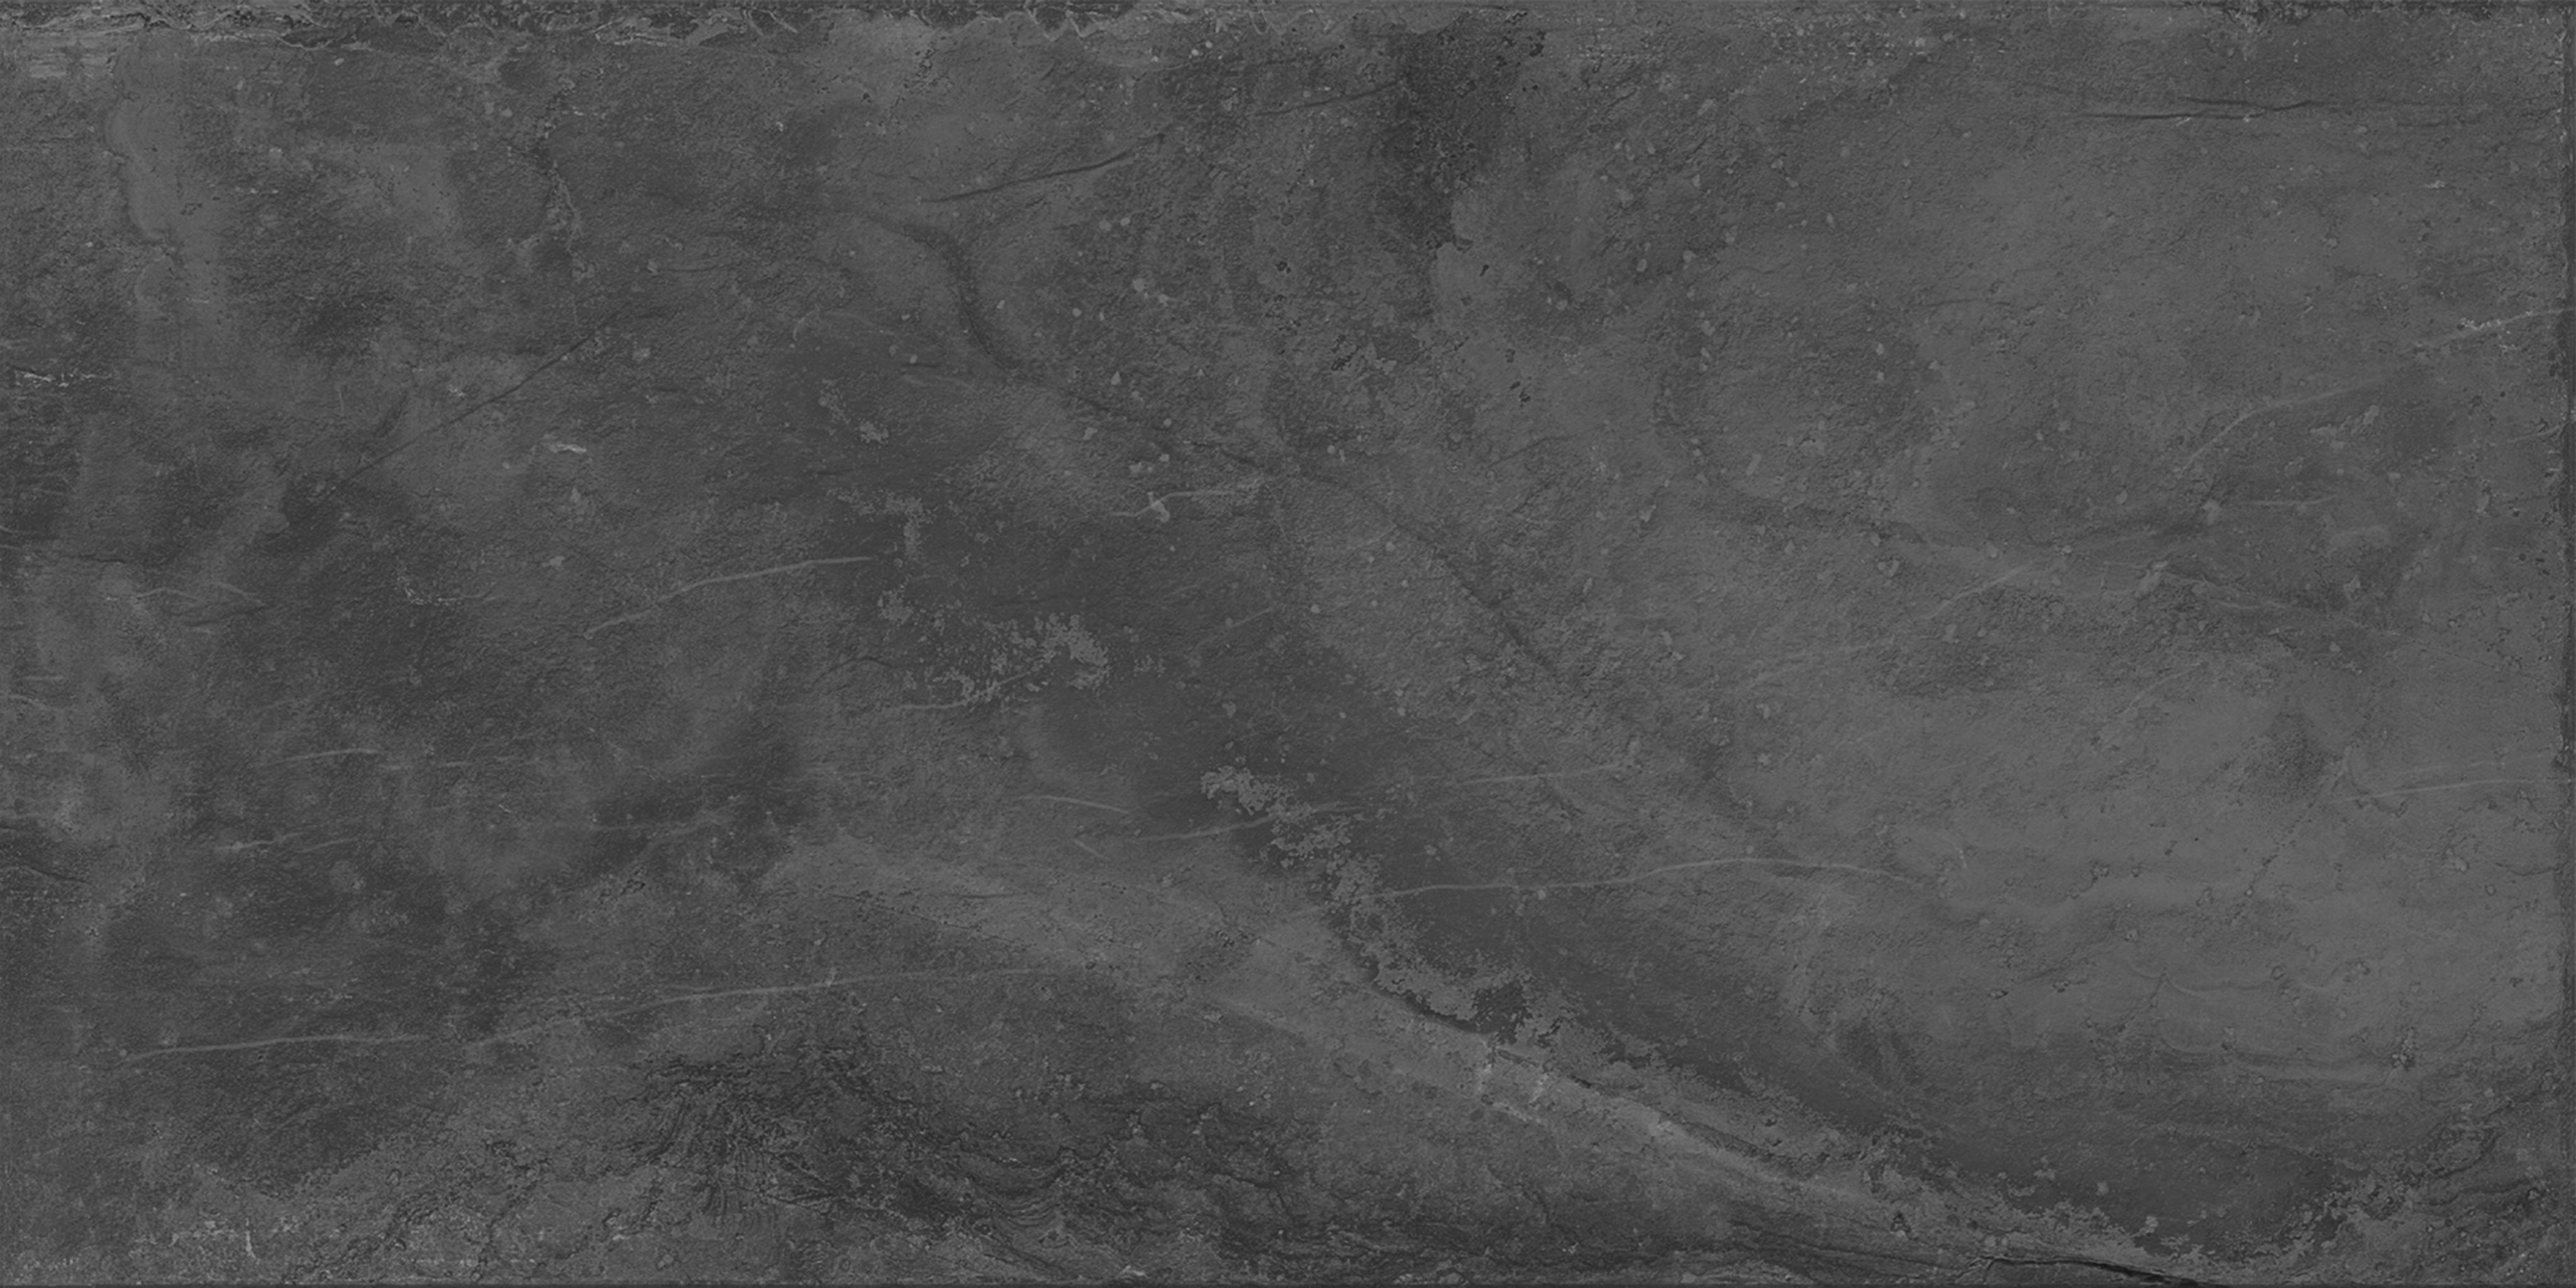 Керамогранит Keros Bierzo Negro 33x67, Испания  - Купить